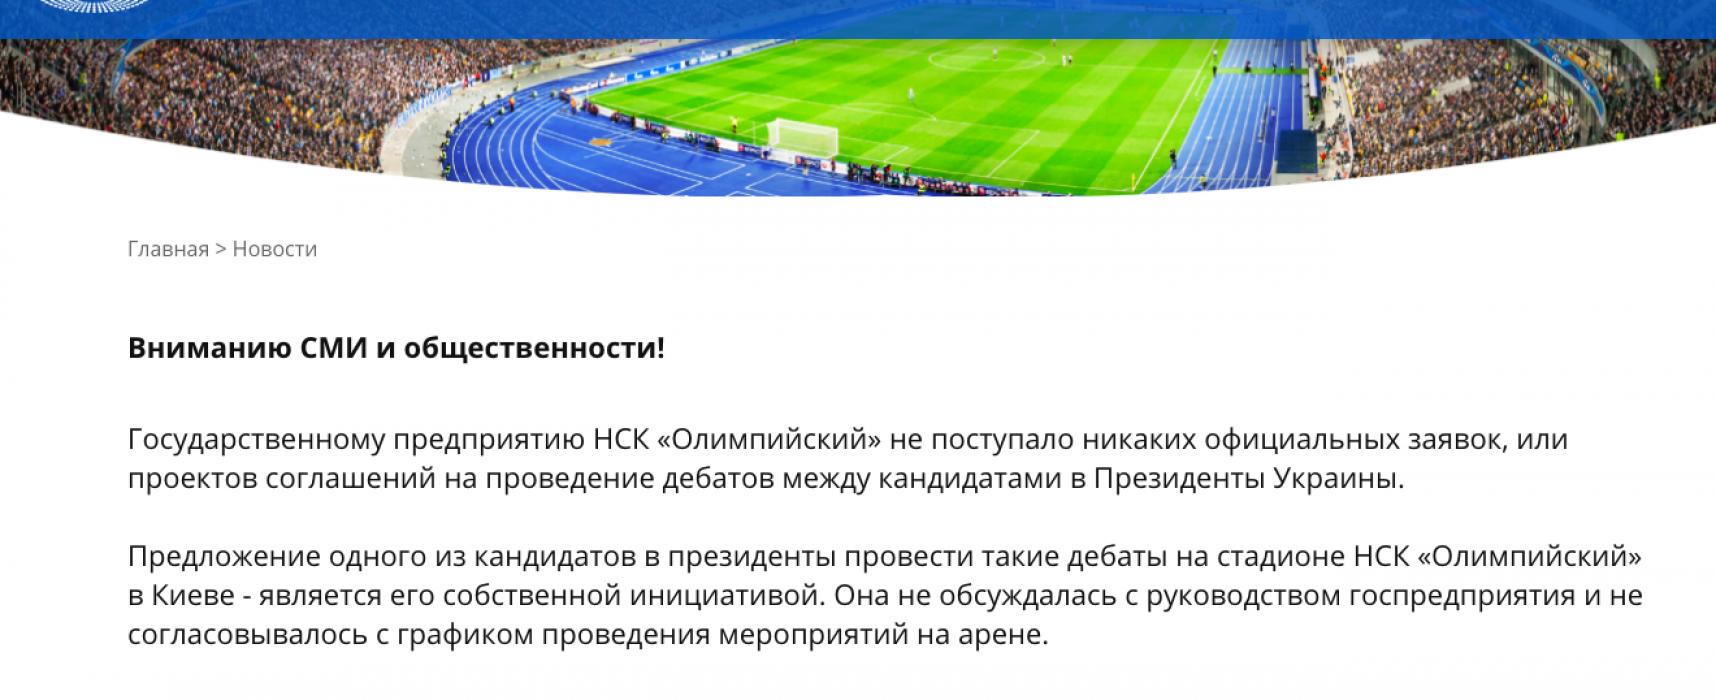 Фейк: Порошенко испугается и не будет проводить дебаты с Зеленским